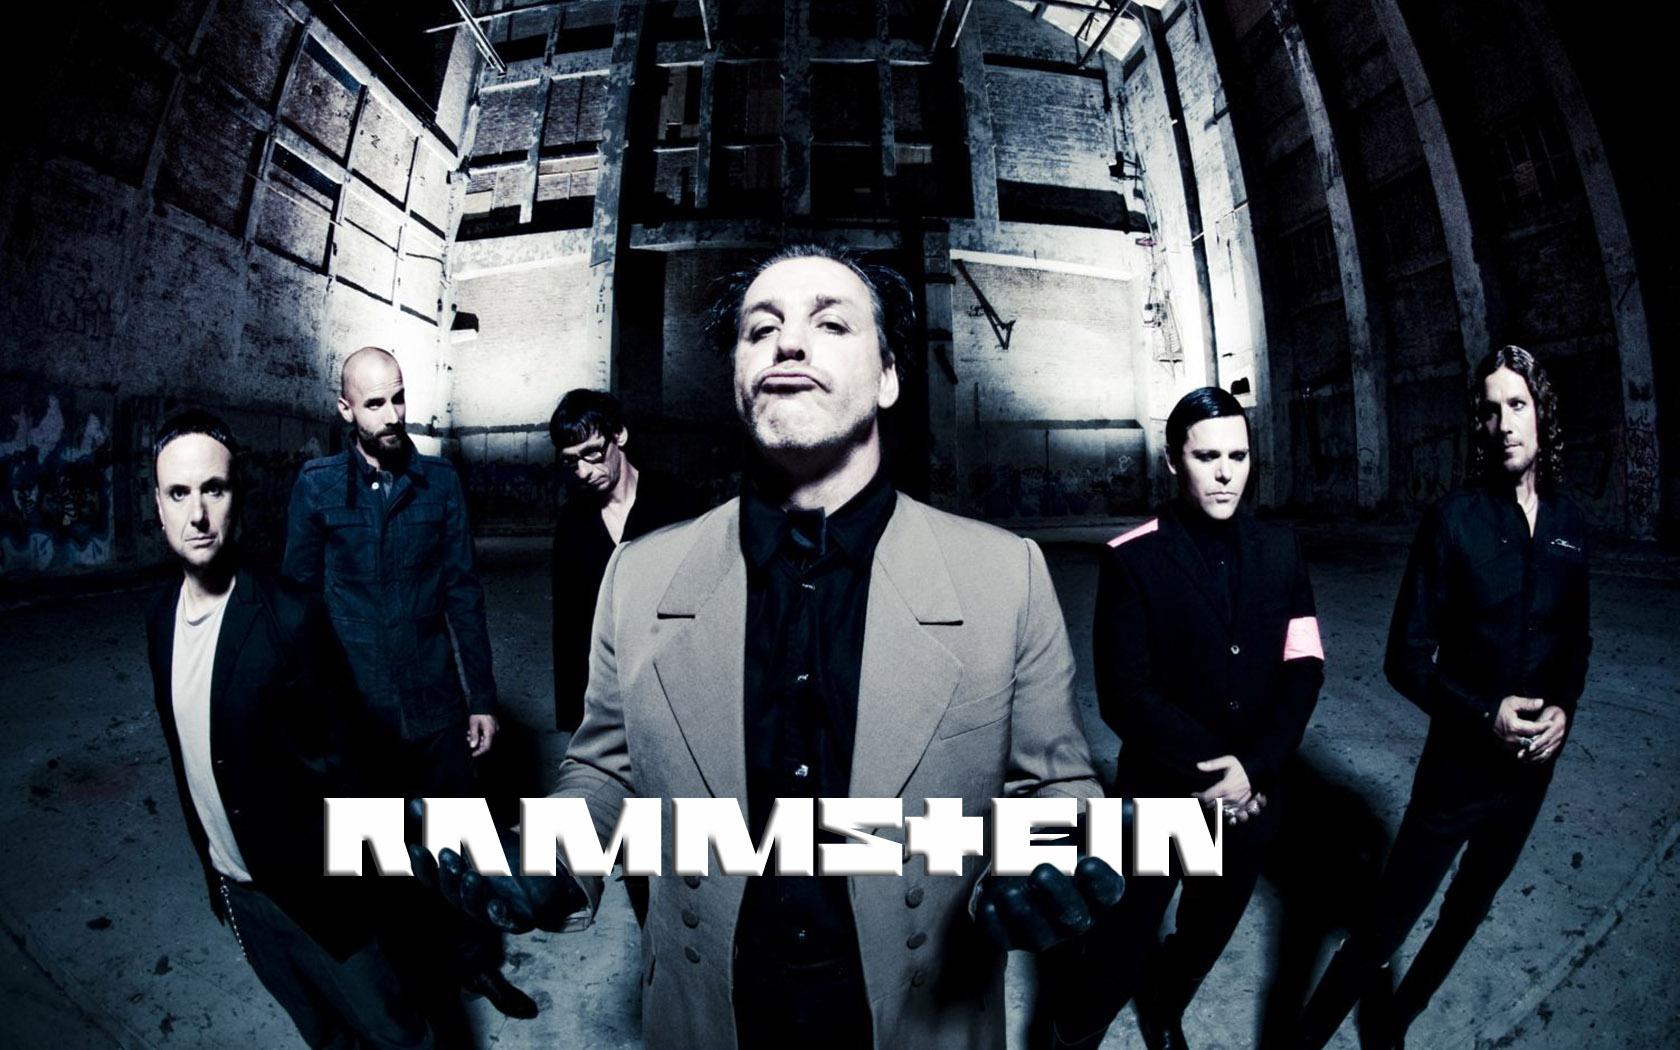 rammstein на рабочий стол фото